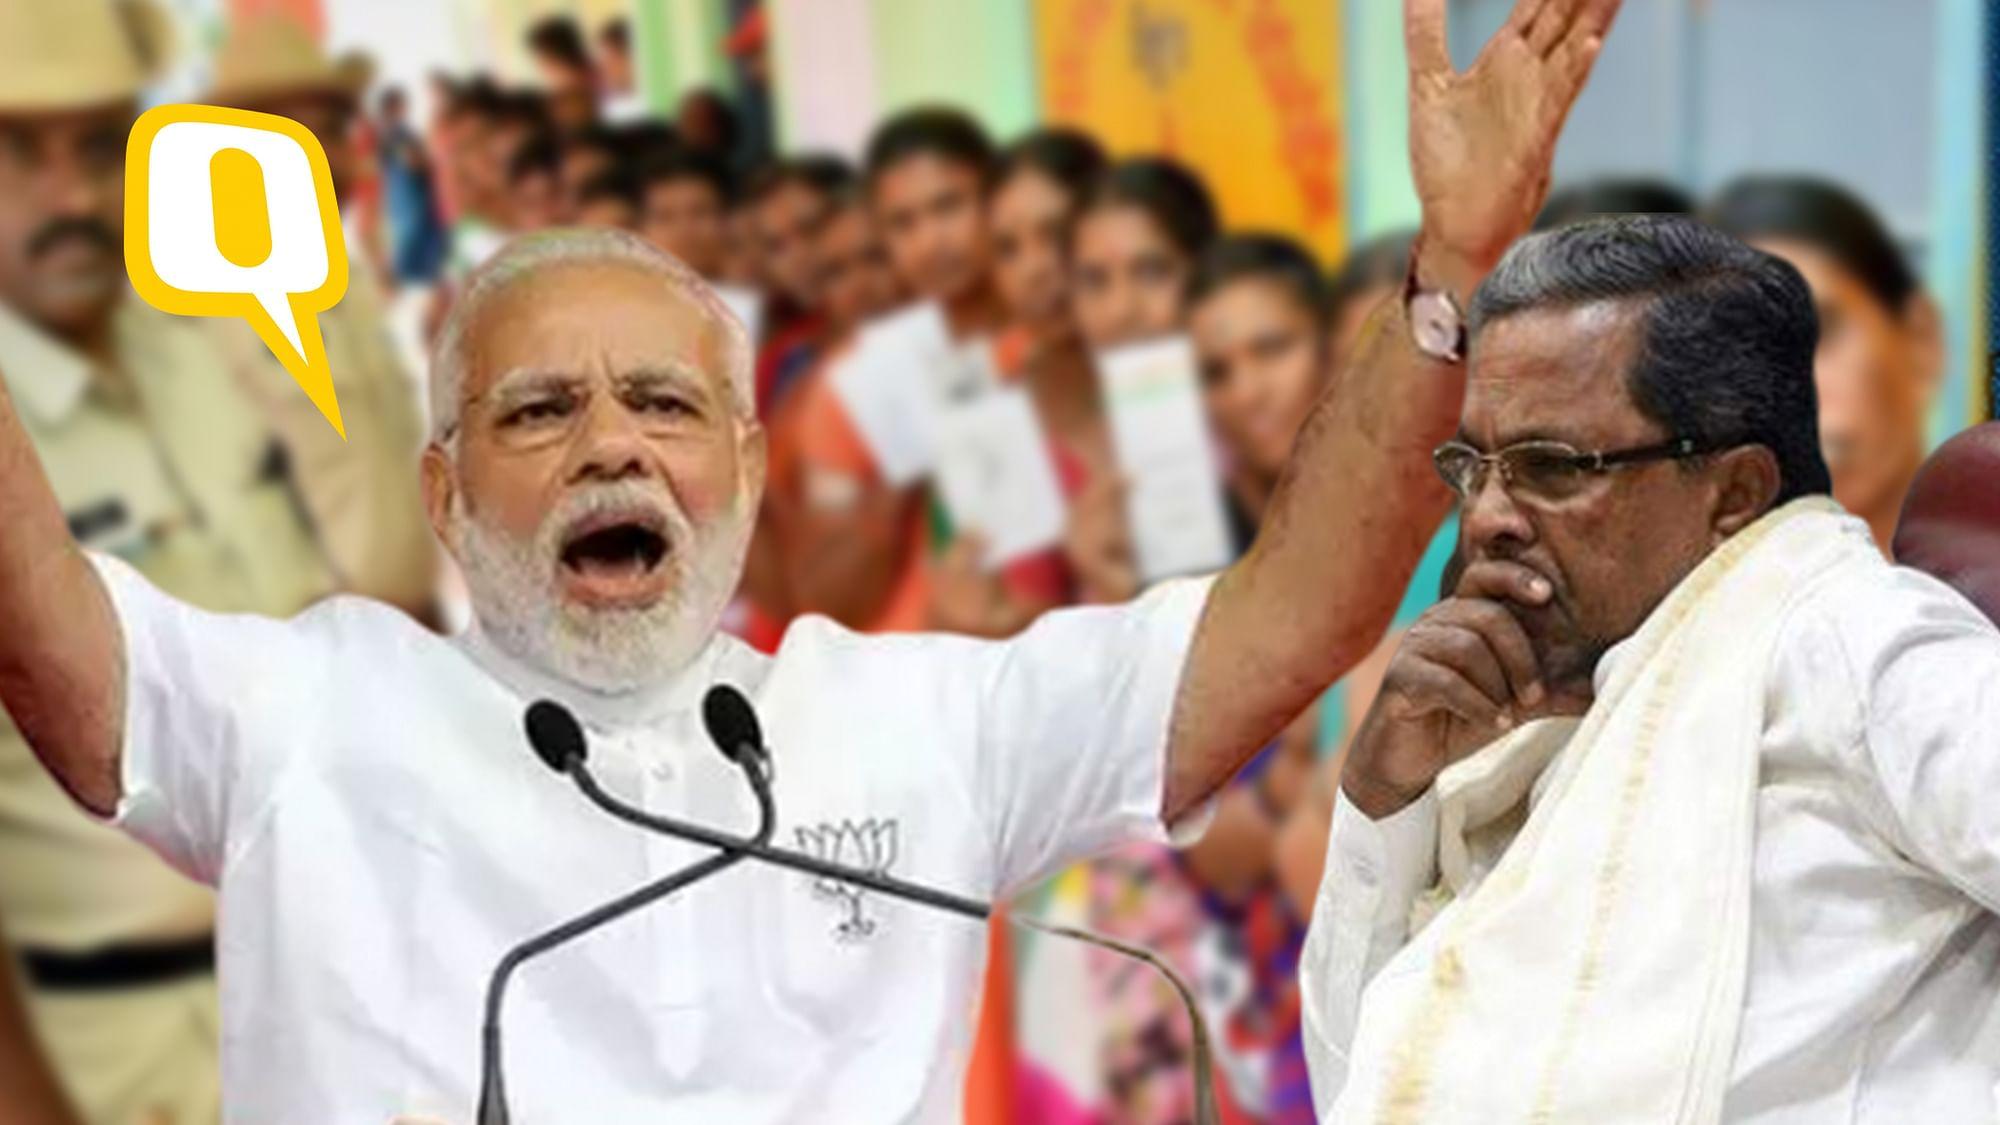 BJP Sweeps Karnataka Bypolls, Siddaramaiah Resigns as Head of Oppn